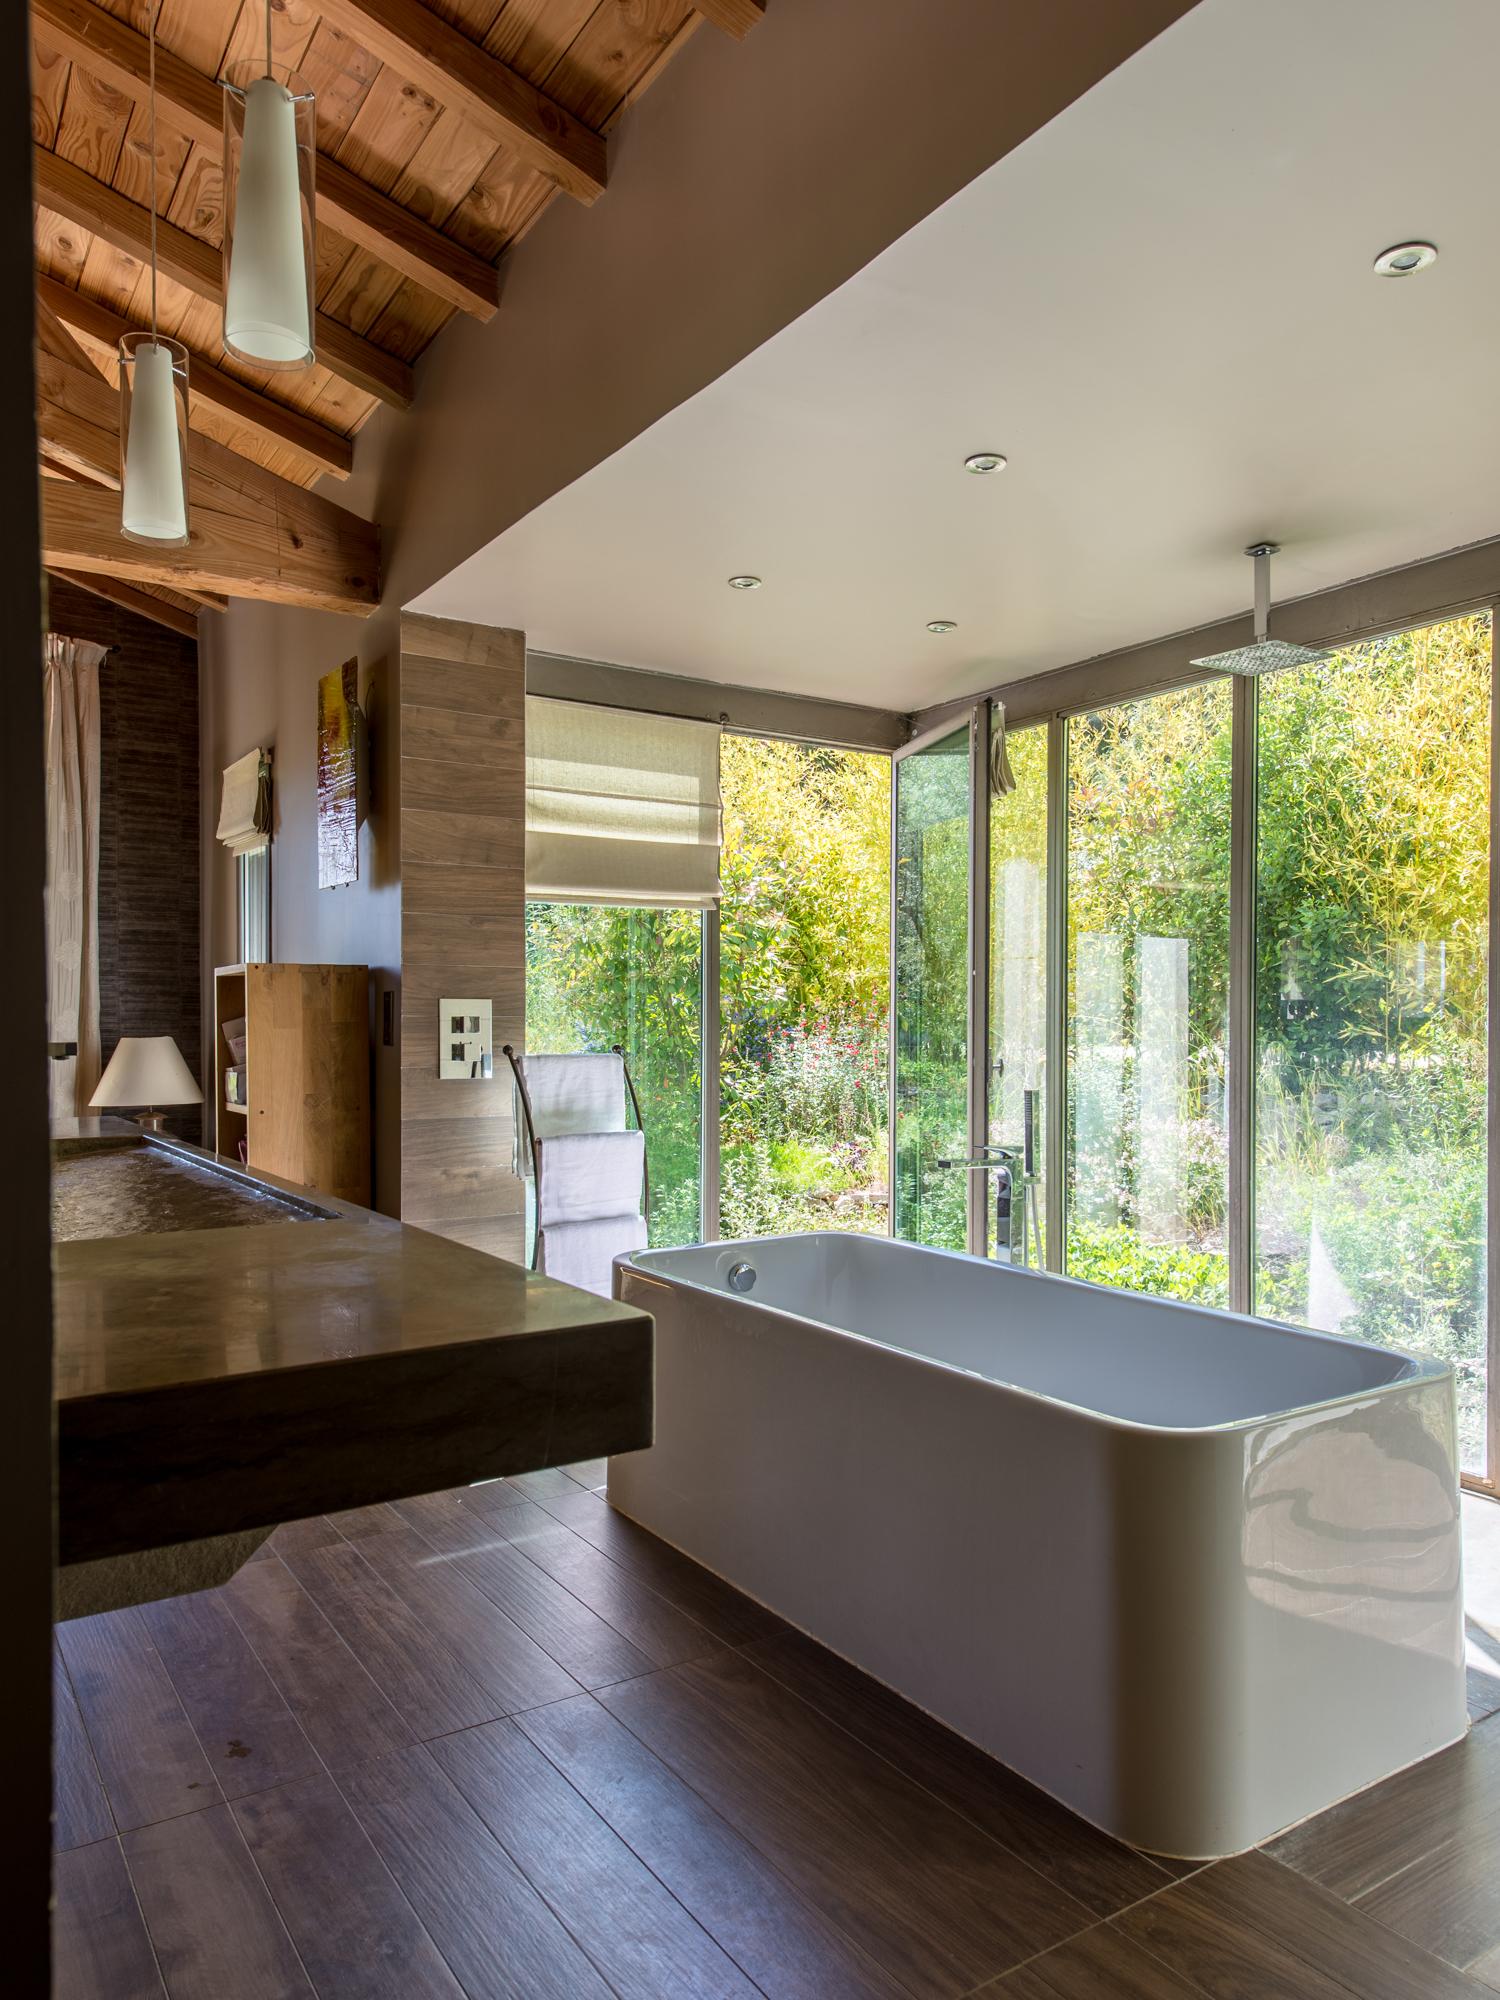 Banheira junto a paredes de vidro